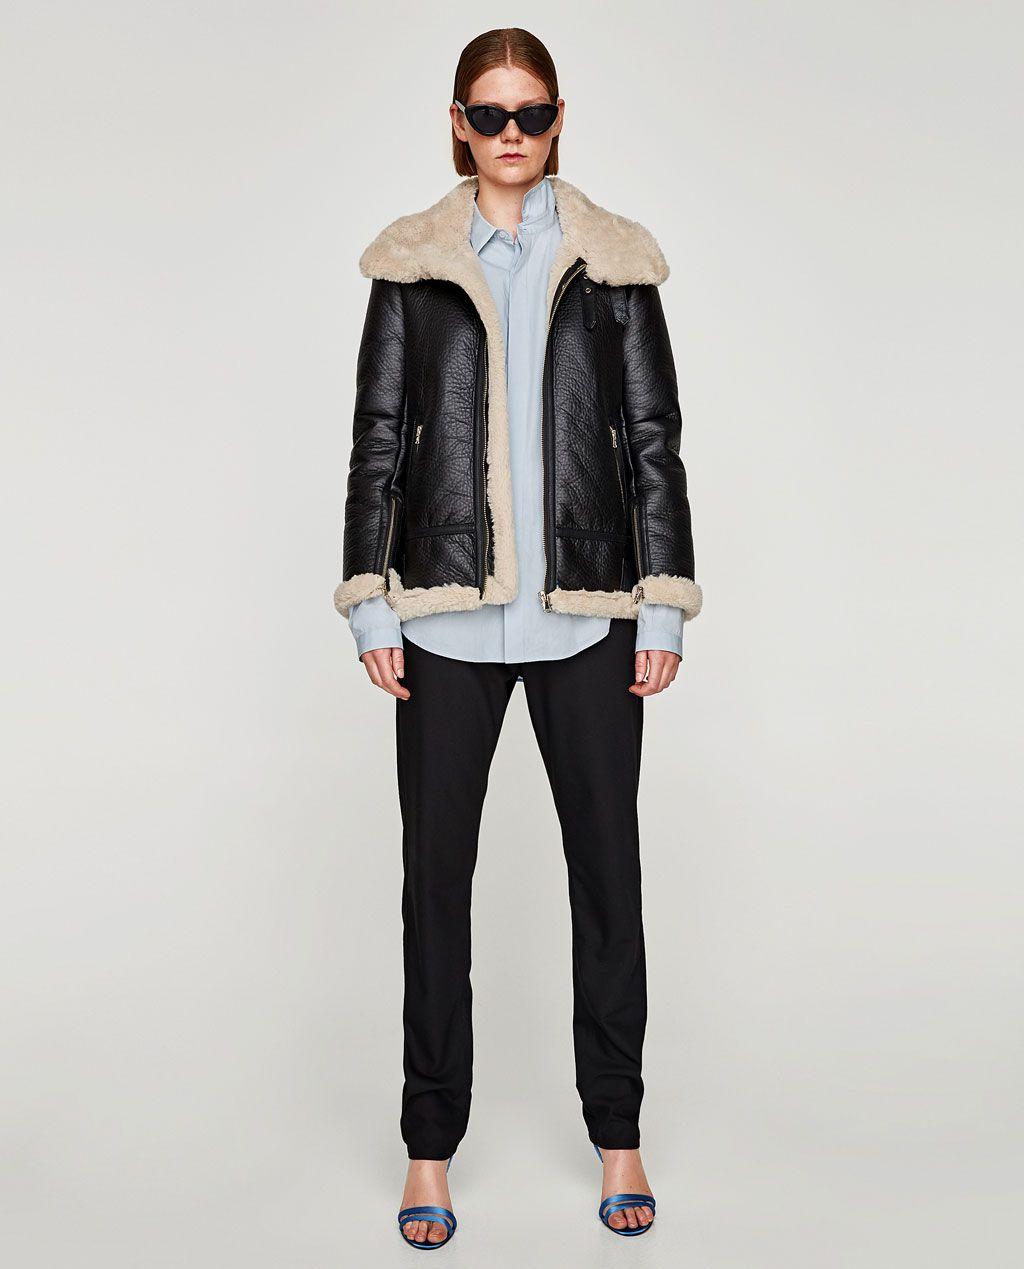 billiger Verkauf begrenzter Stil Verkaufsförderung JACKE IM PILOTENSTIL-JACKEN-DAMEN   ZARA Schweiz   fashion ...